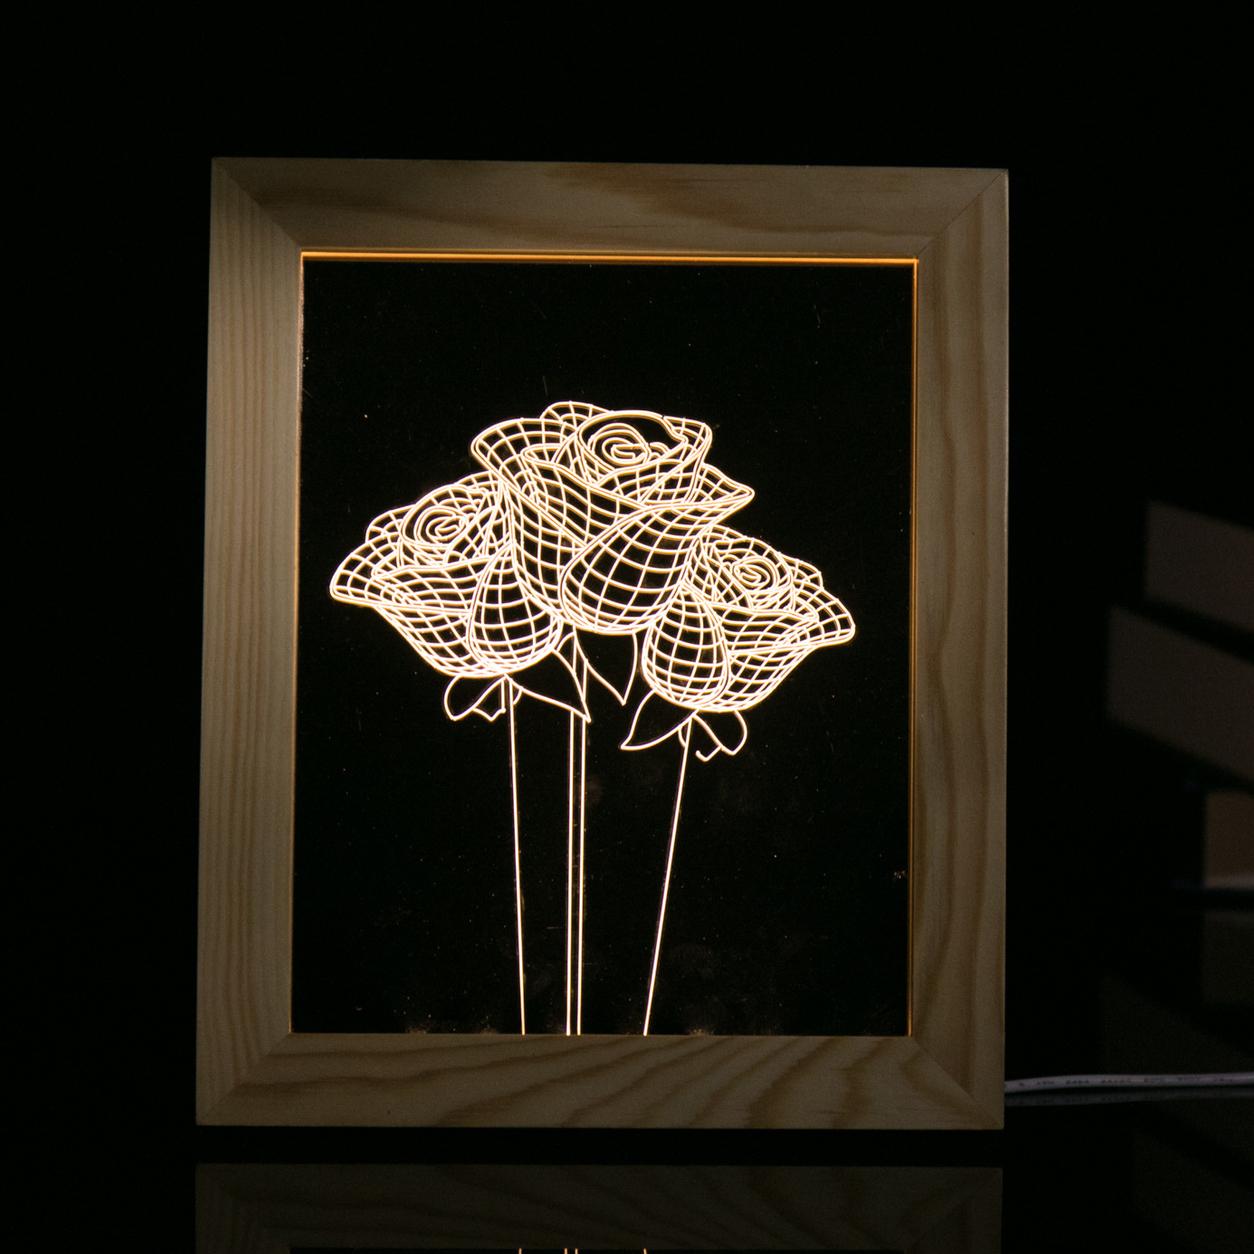 KCASA FL-723 3D Bilderrahmen Illuminative LED Nachtlicht Holz Rose Desktop Dekorative USB Lampe Für Schlafzimmer Kunst Dekor Weihnachtsgeschenke